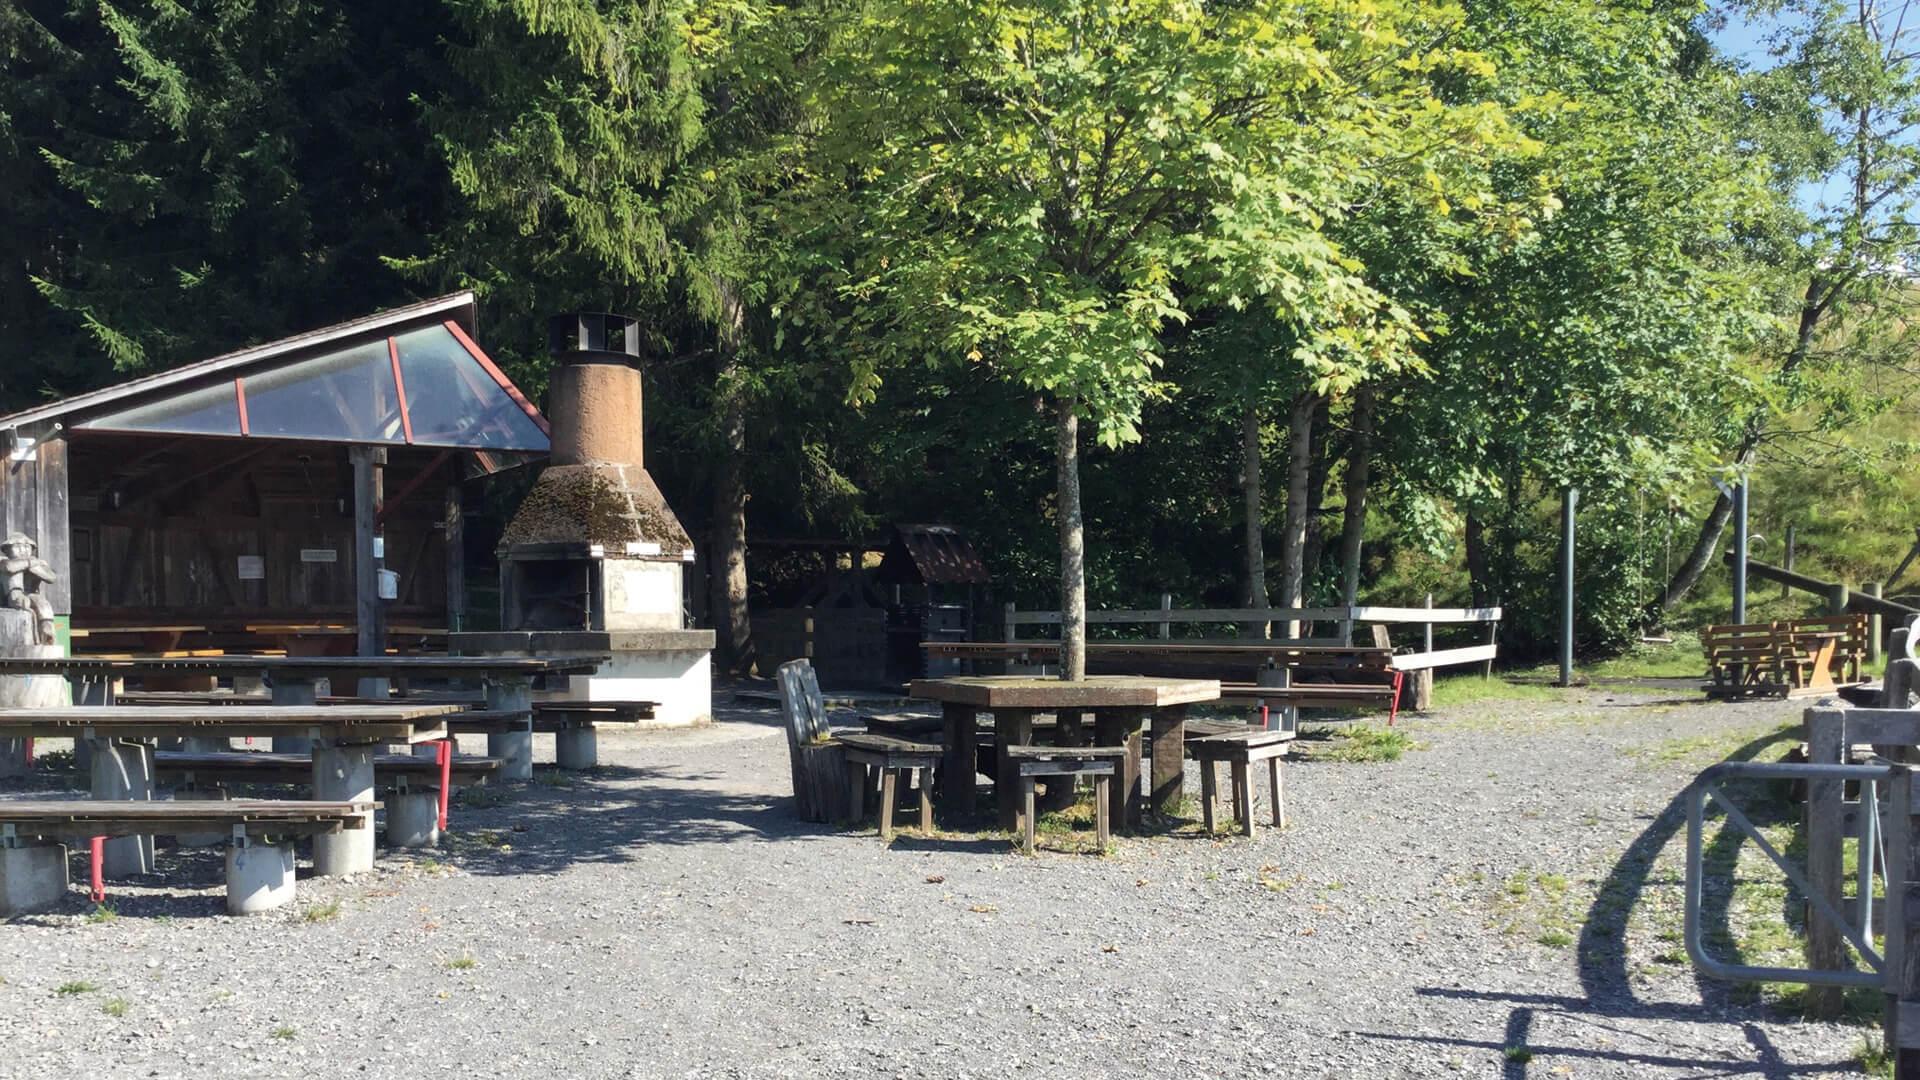 schwanden-grillplatz-stampf-sommer-uebersicht